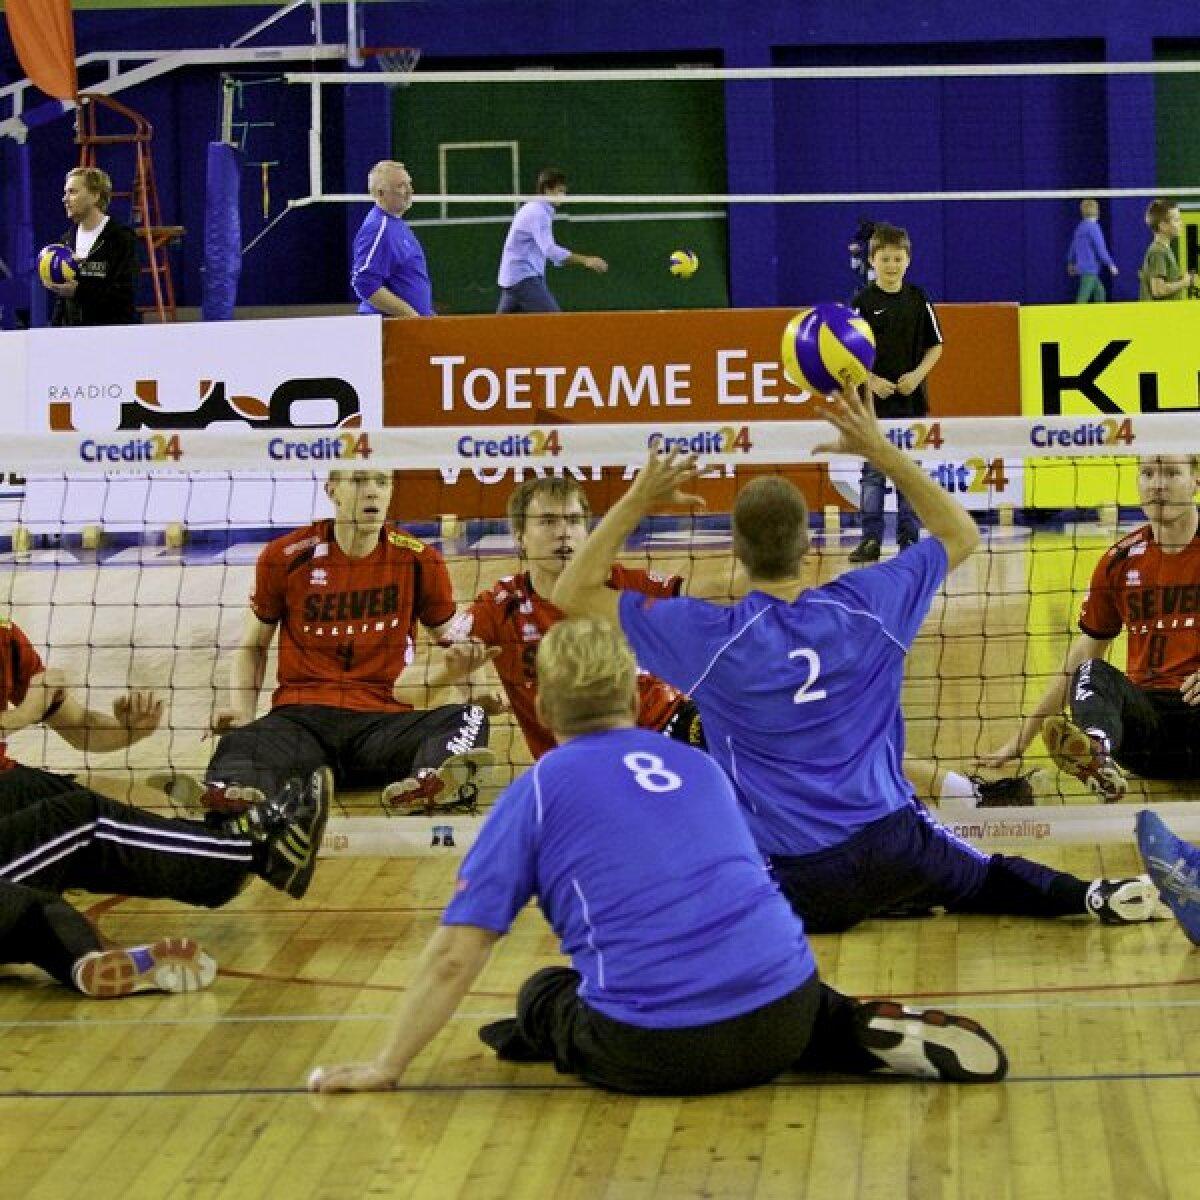 Tallinna Selver vs Istevõrkpalli Klubi IVK Credit24 Öövollel. Foto: Urmas Piir